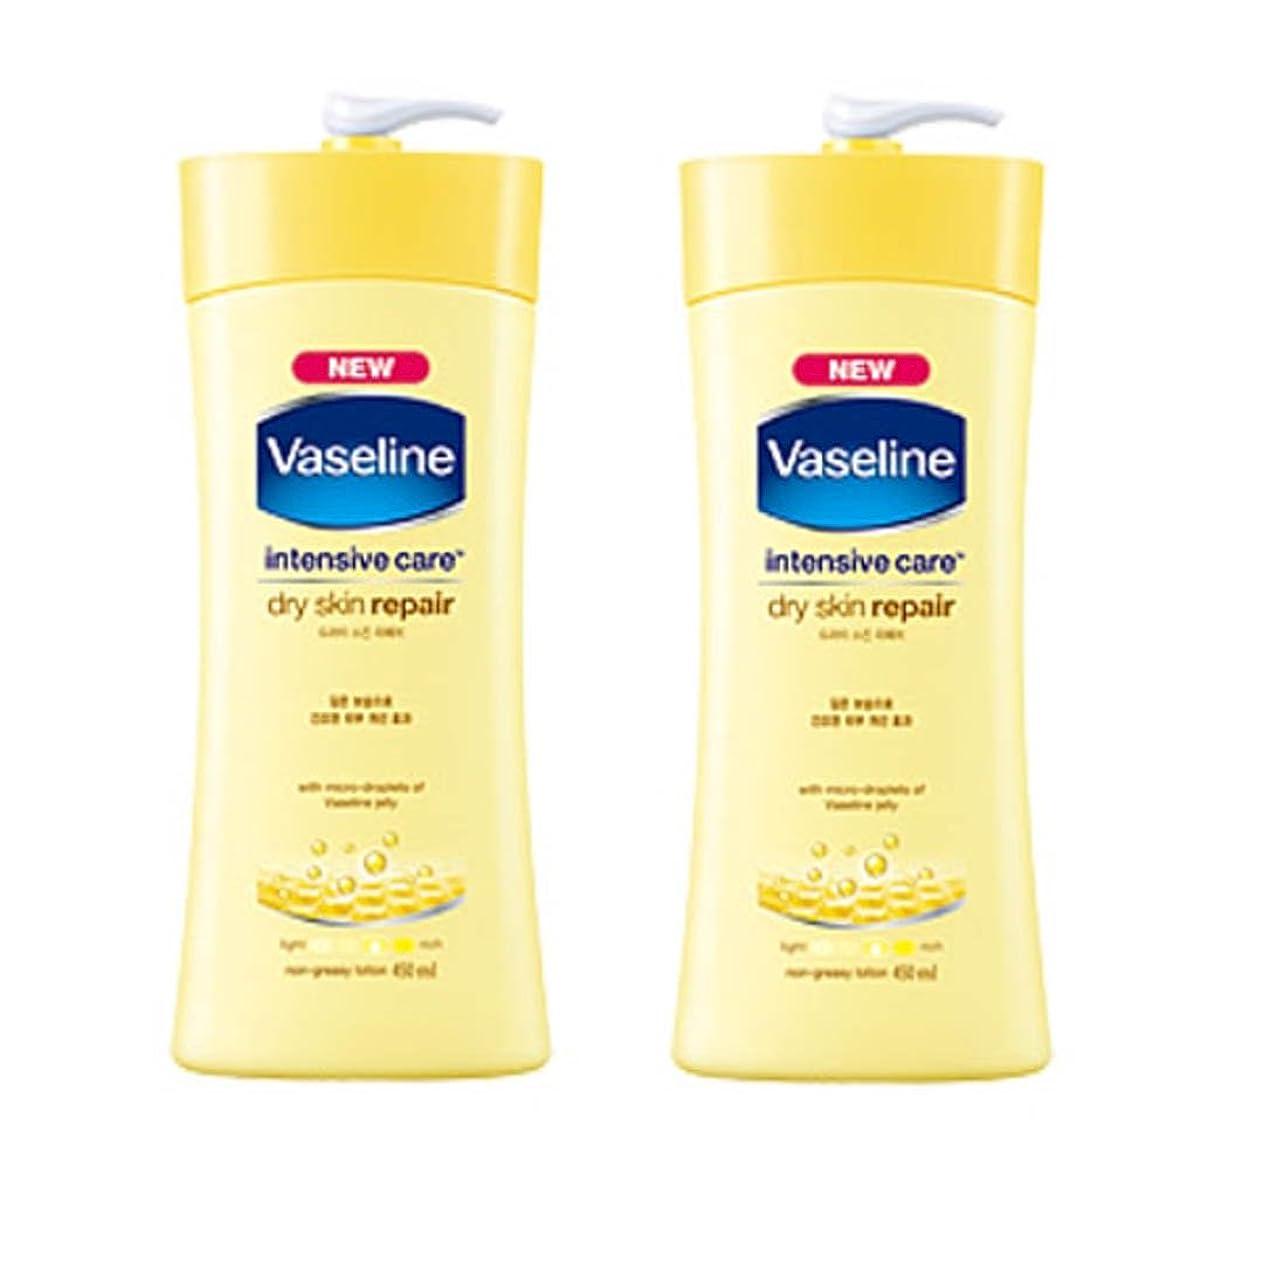 ラフ睡眠手段を除くヴァセリン インテンシブケア ドライスキン リペアローション(Vaseline Intensive Care Dry Skin Repair Lotion) 450ml X 2個 [並行輸入品]